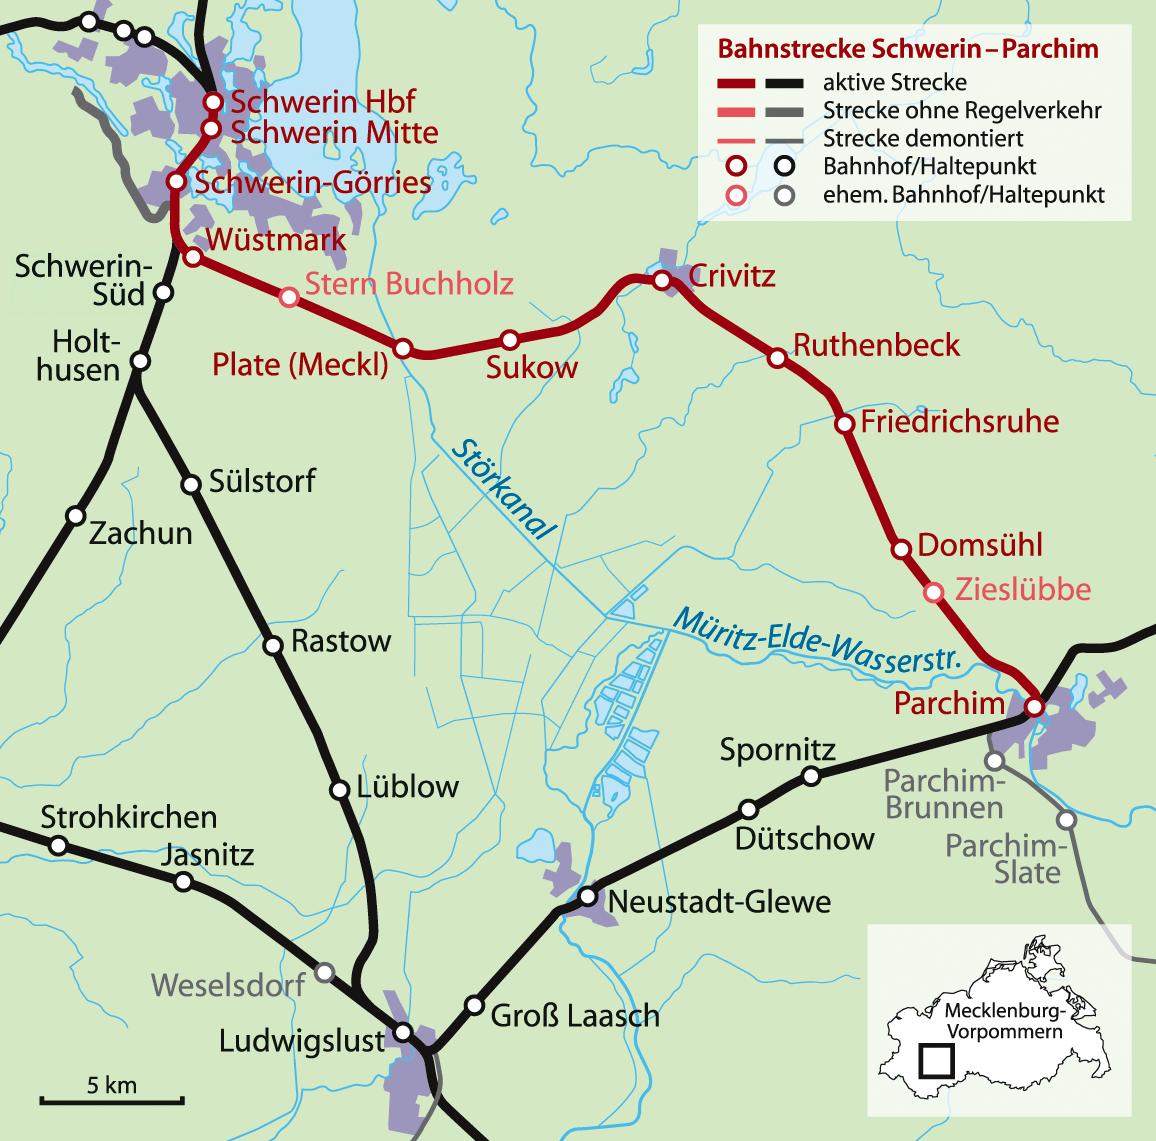 Bahnstrecke Hamburg Schwerin